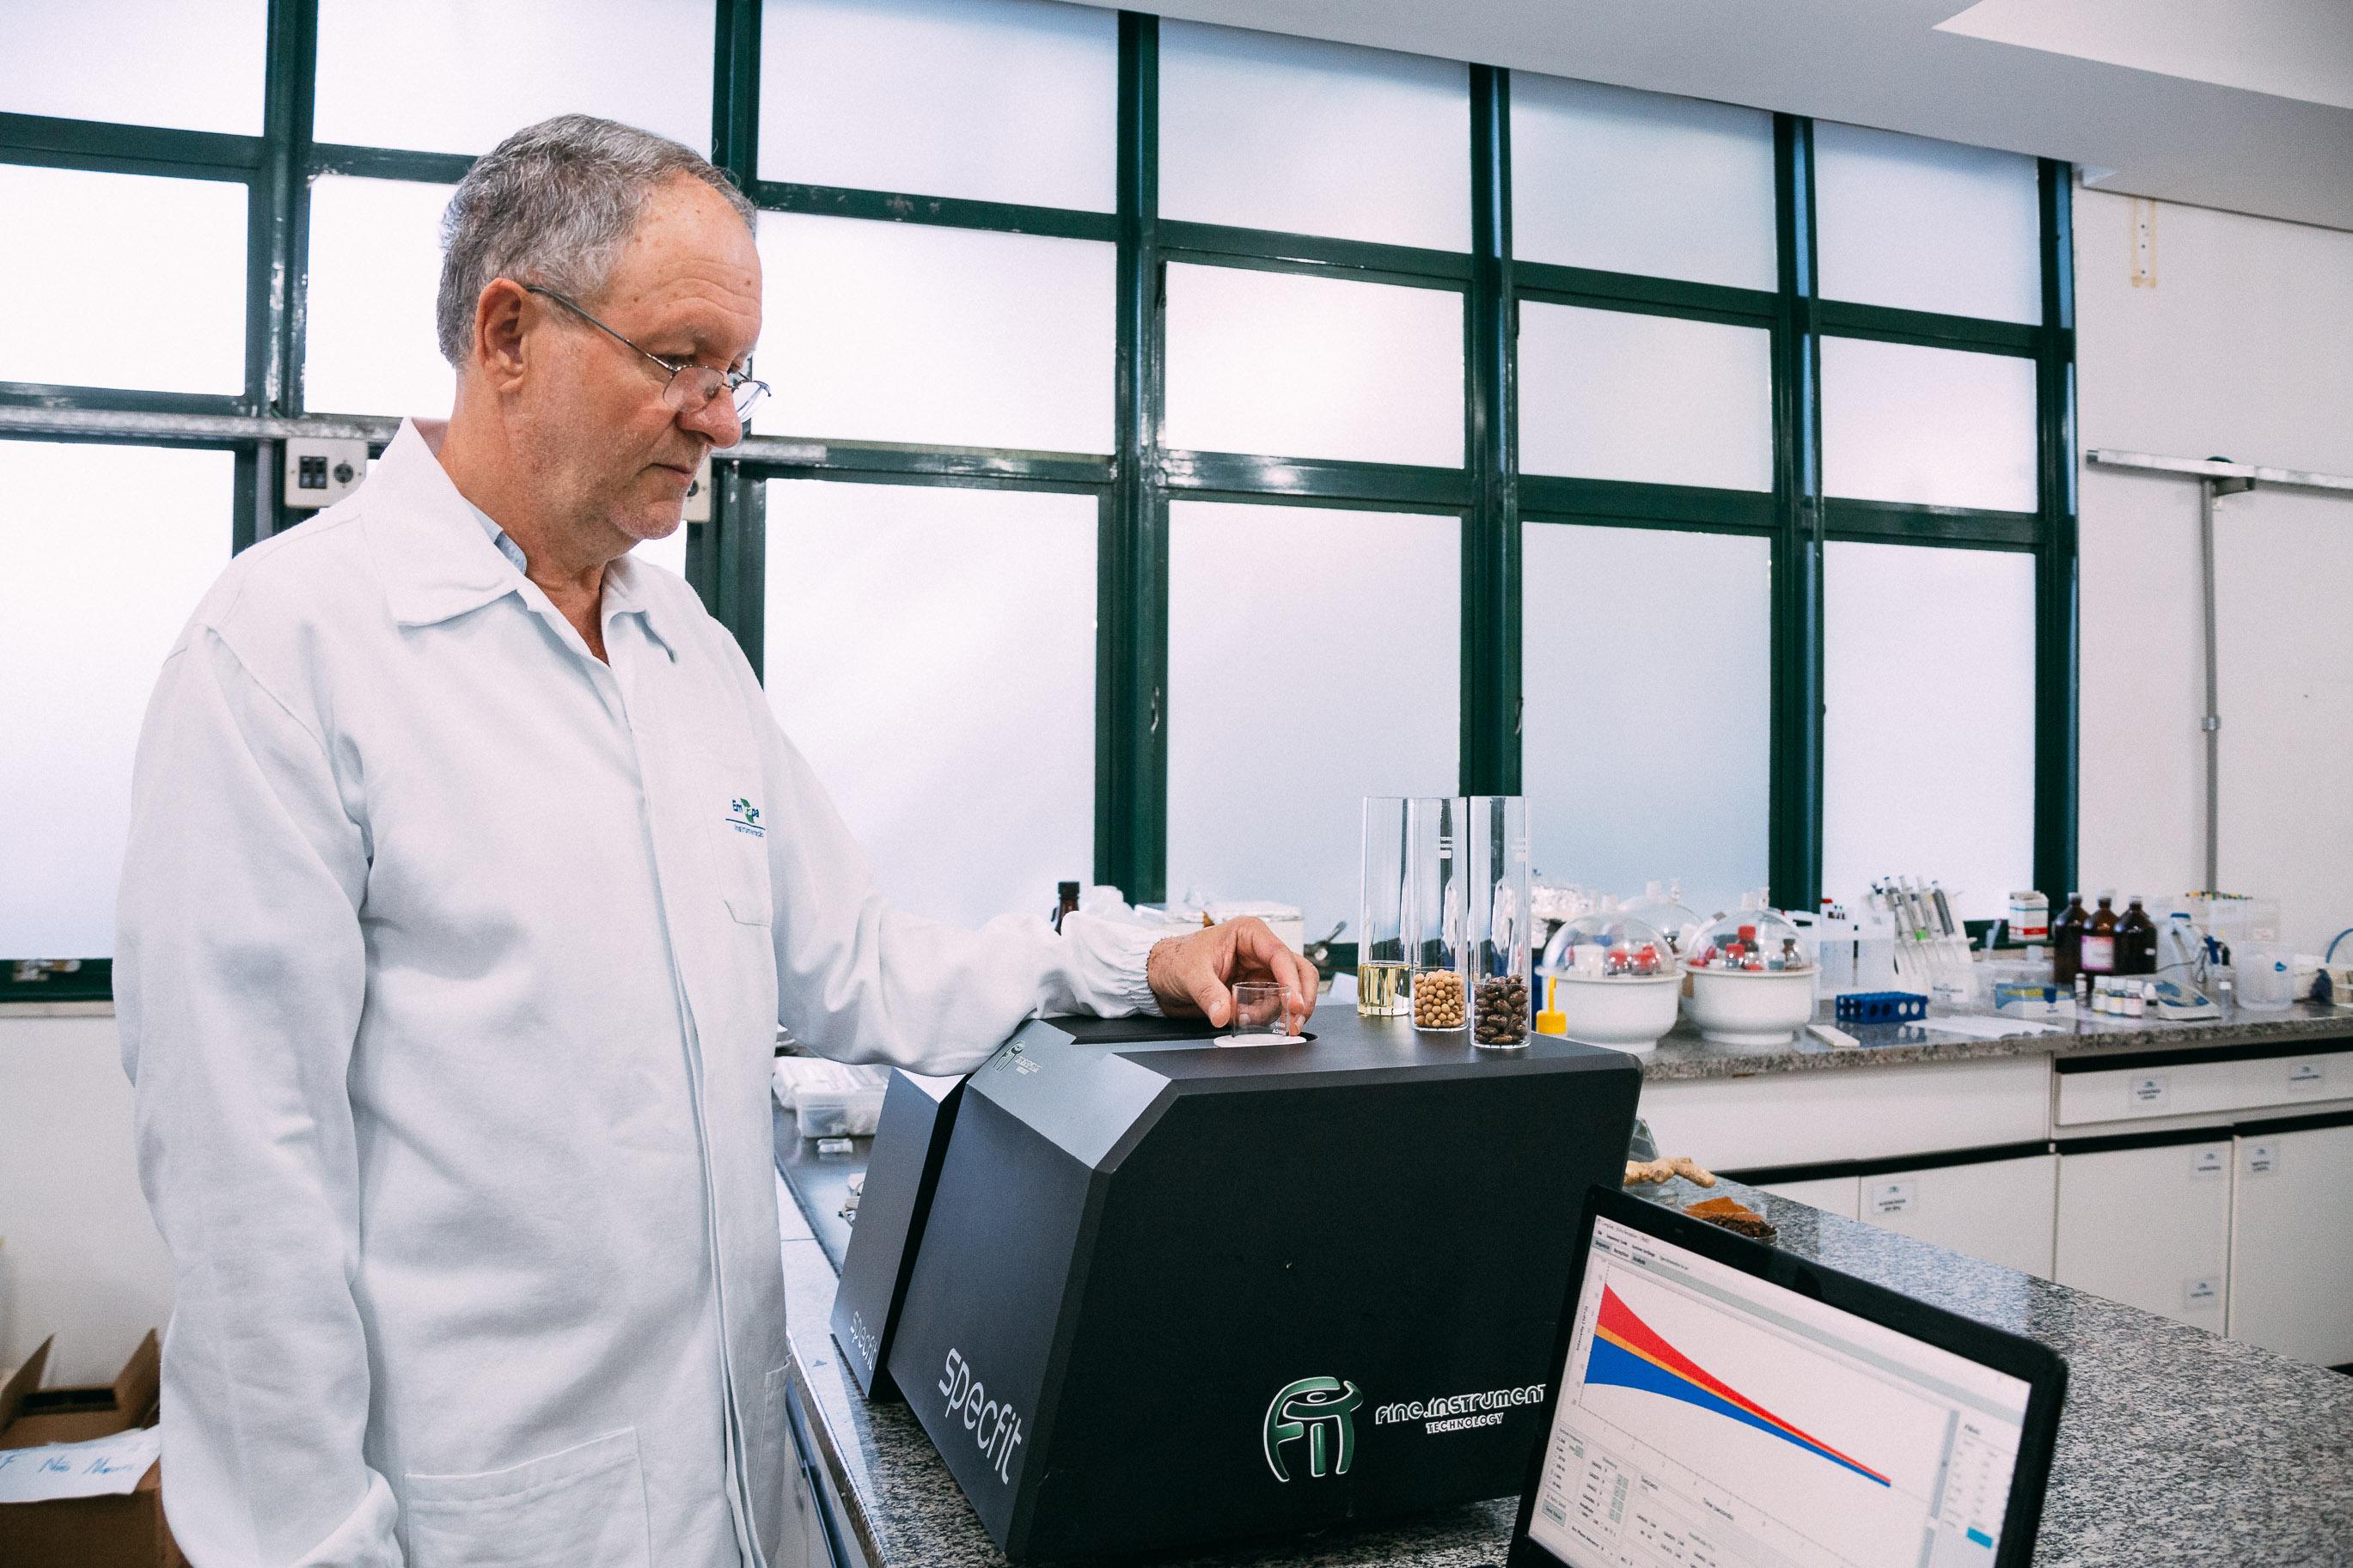 Victor Otsuka - Reconhecido pela comunidade científica com o Prêmio Capes 2019, o pesquisador Luiz Alberto Colnago vê o uso da RMN atingir novos mercados